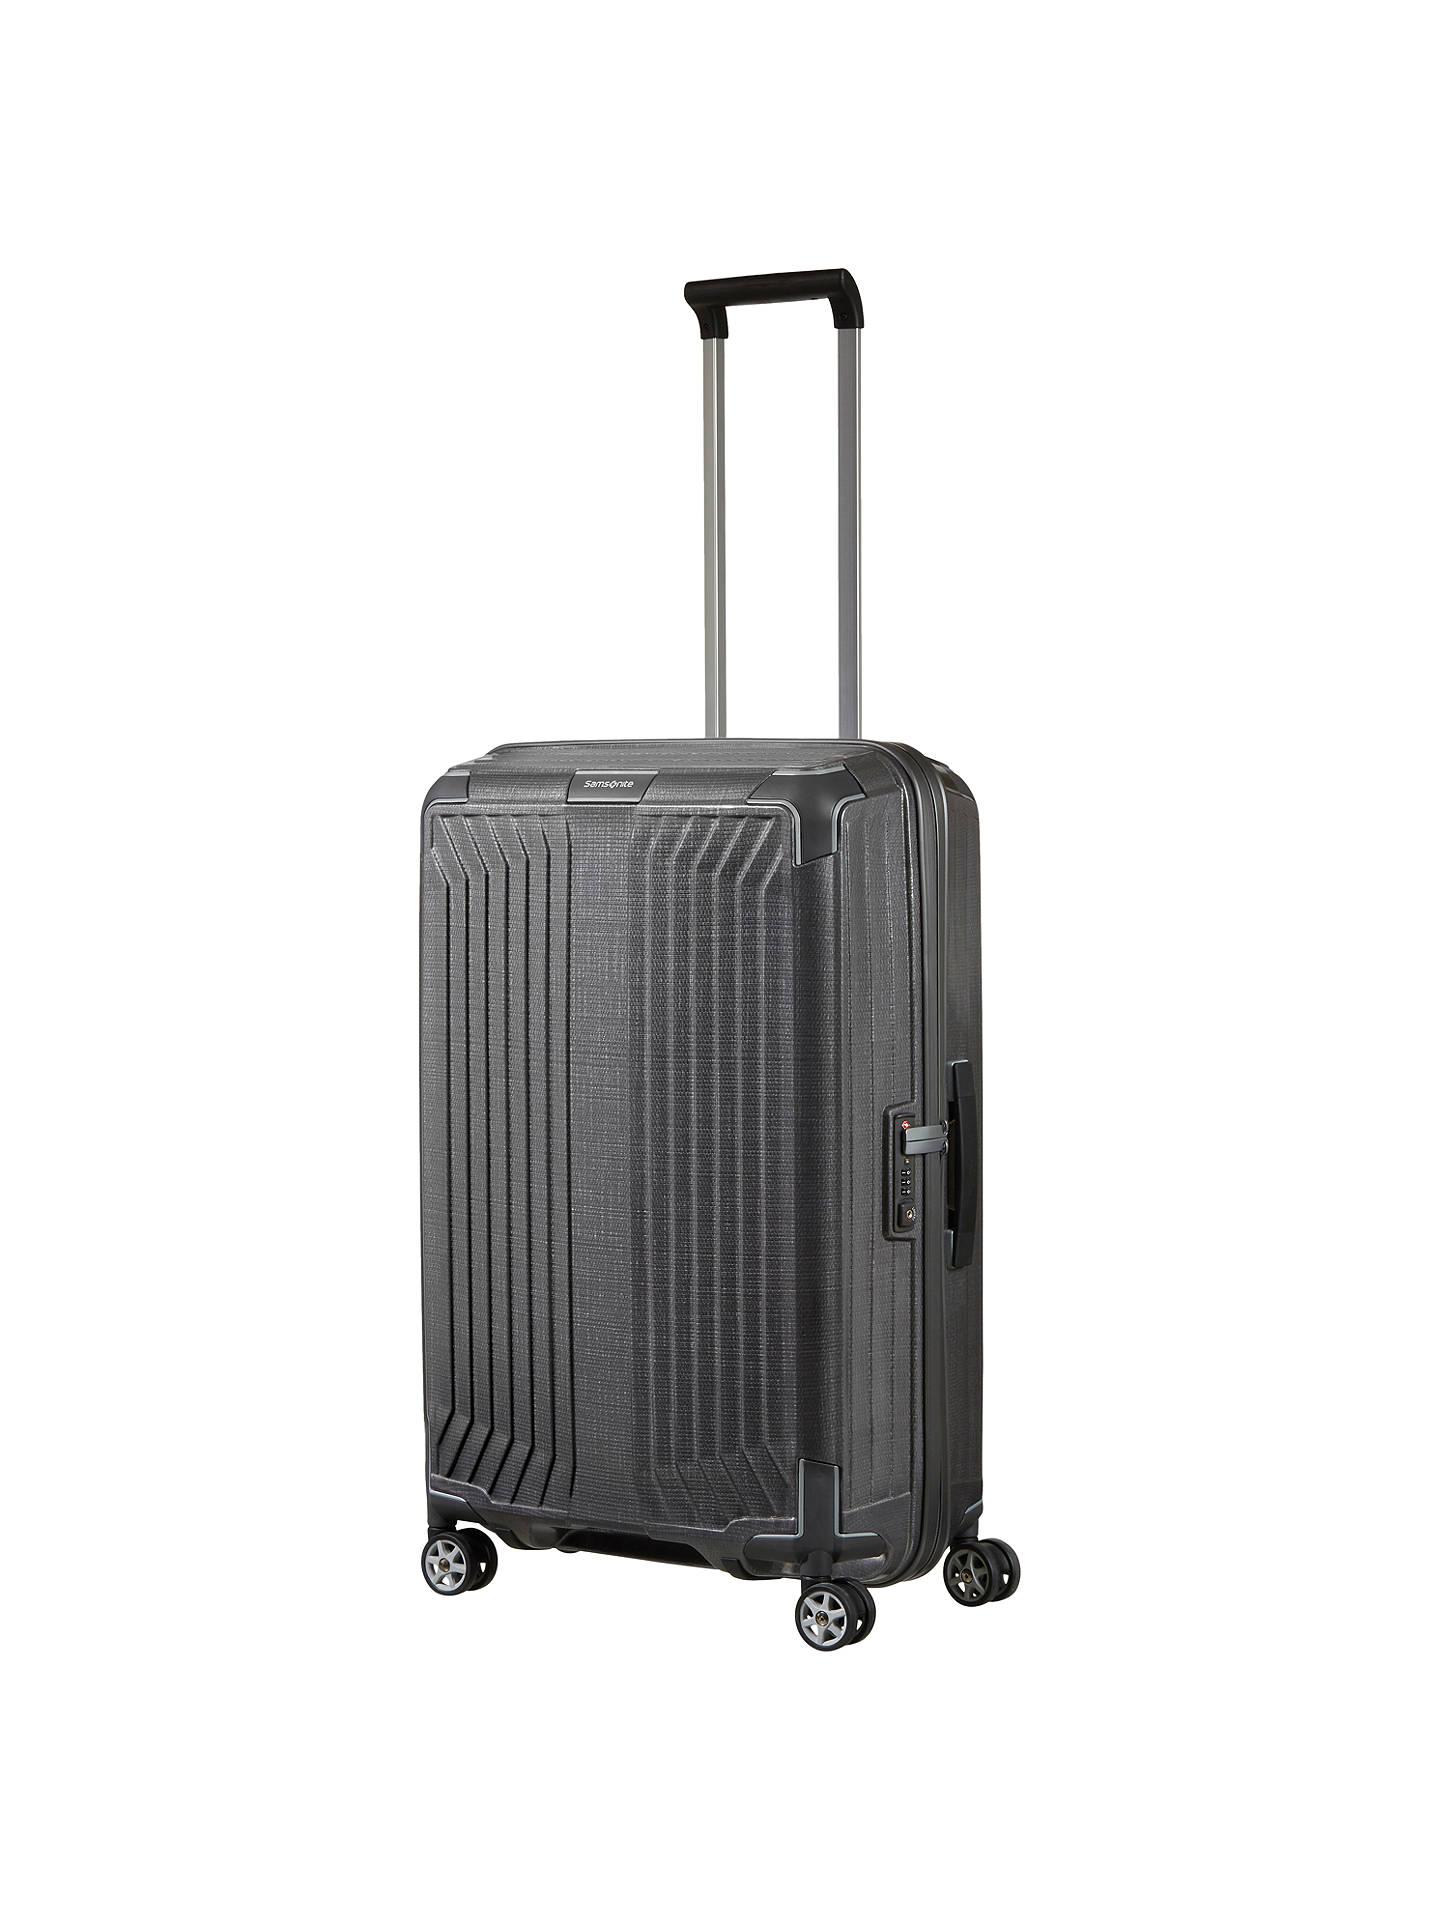 177ee45fb0 Buy Samsonite Lite-Box 69cm 4-Spinner Wheel Suitcase, Eclipse Grey Online  at ...